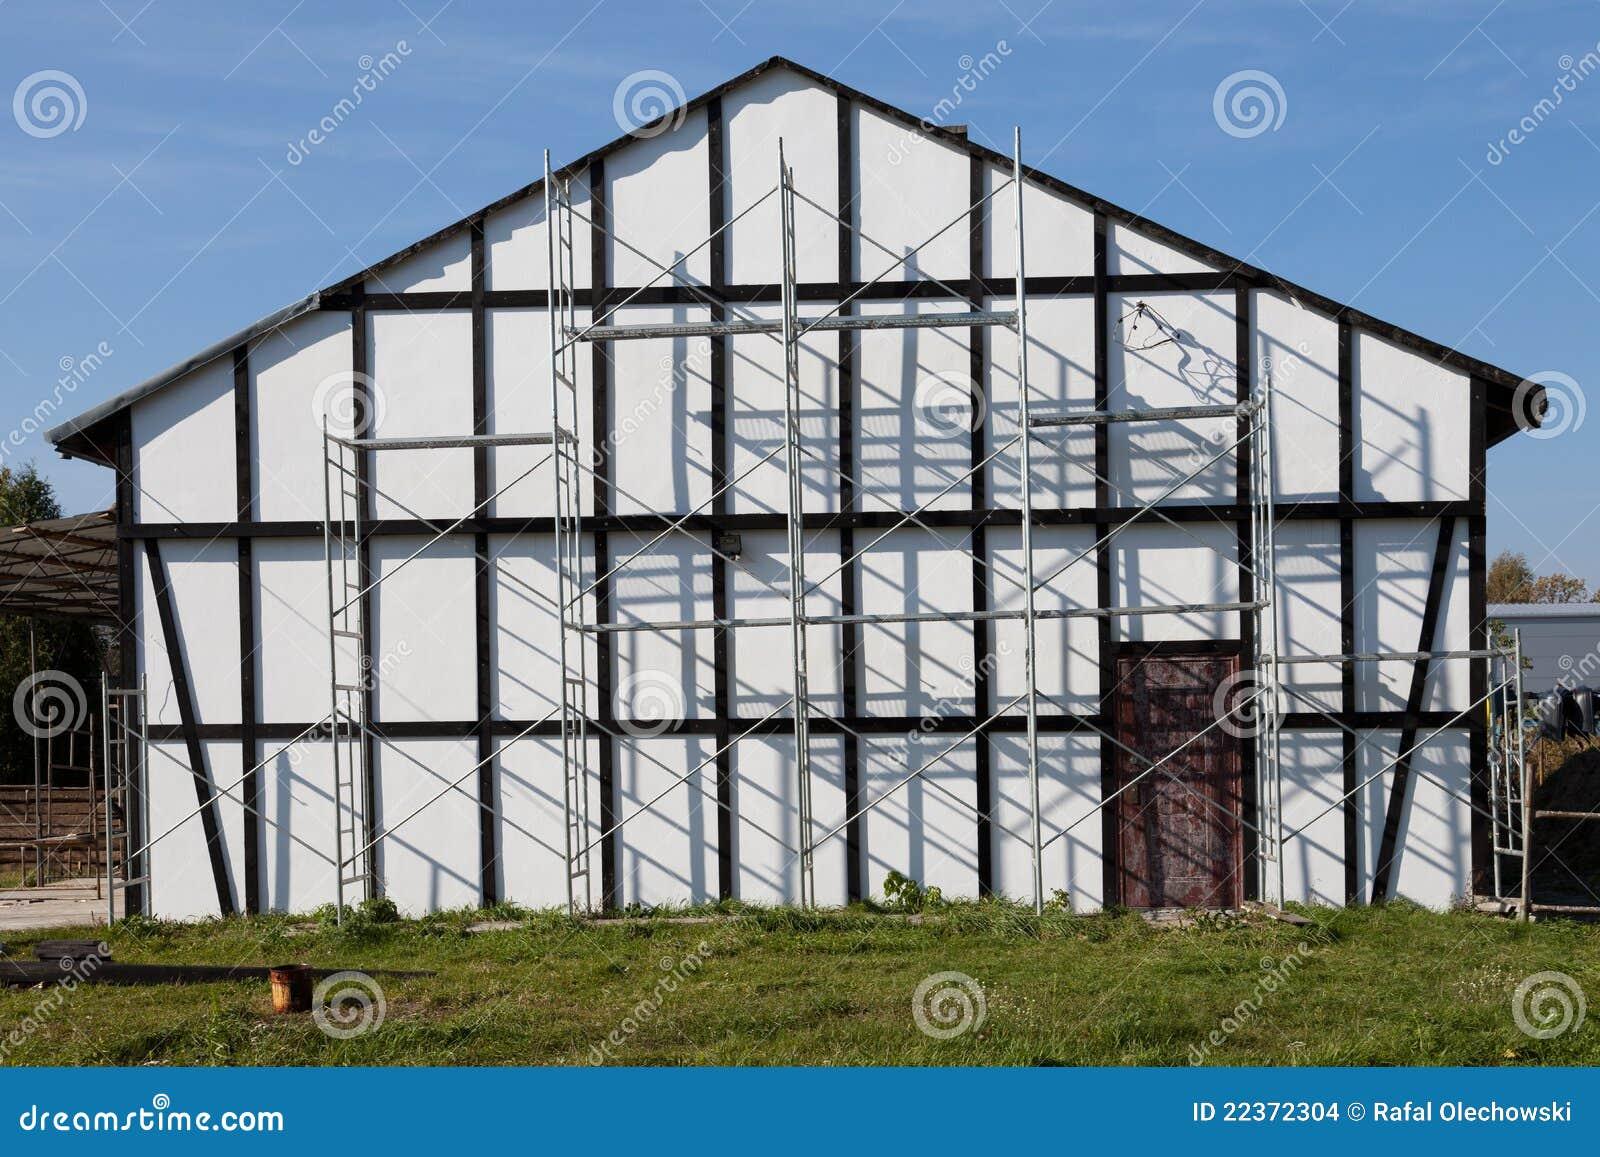 Het vernieuwen van oud huis met steiger stock foto afbeelding 22372304 - Oud huis ...